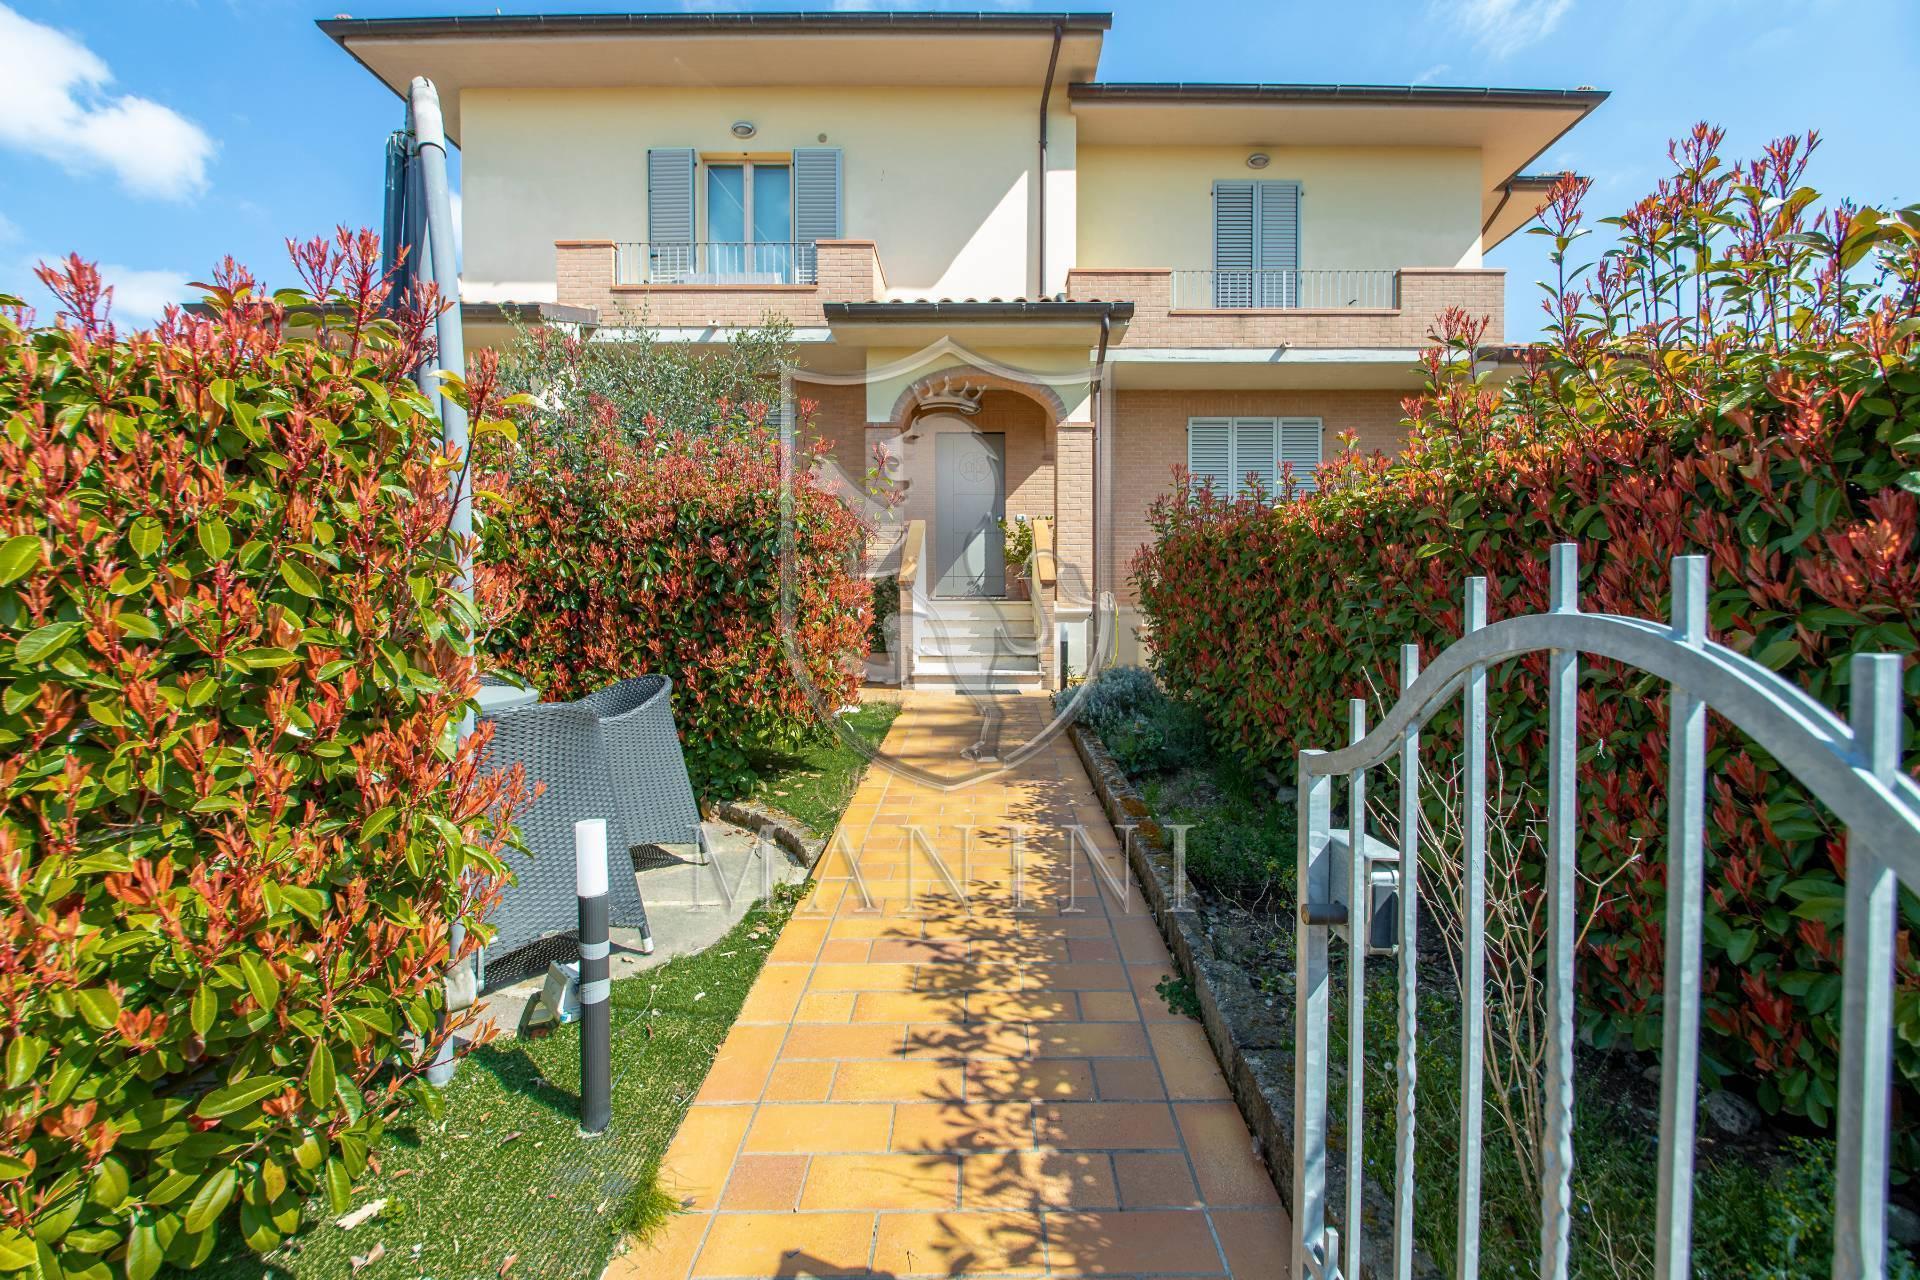 Appartamento in vendita a Lucignano, 5 locali, zona Località: S.aMaria, prezzo € 195.000   PortaleAgenzieImmobiliari.it